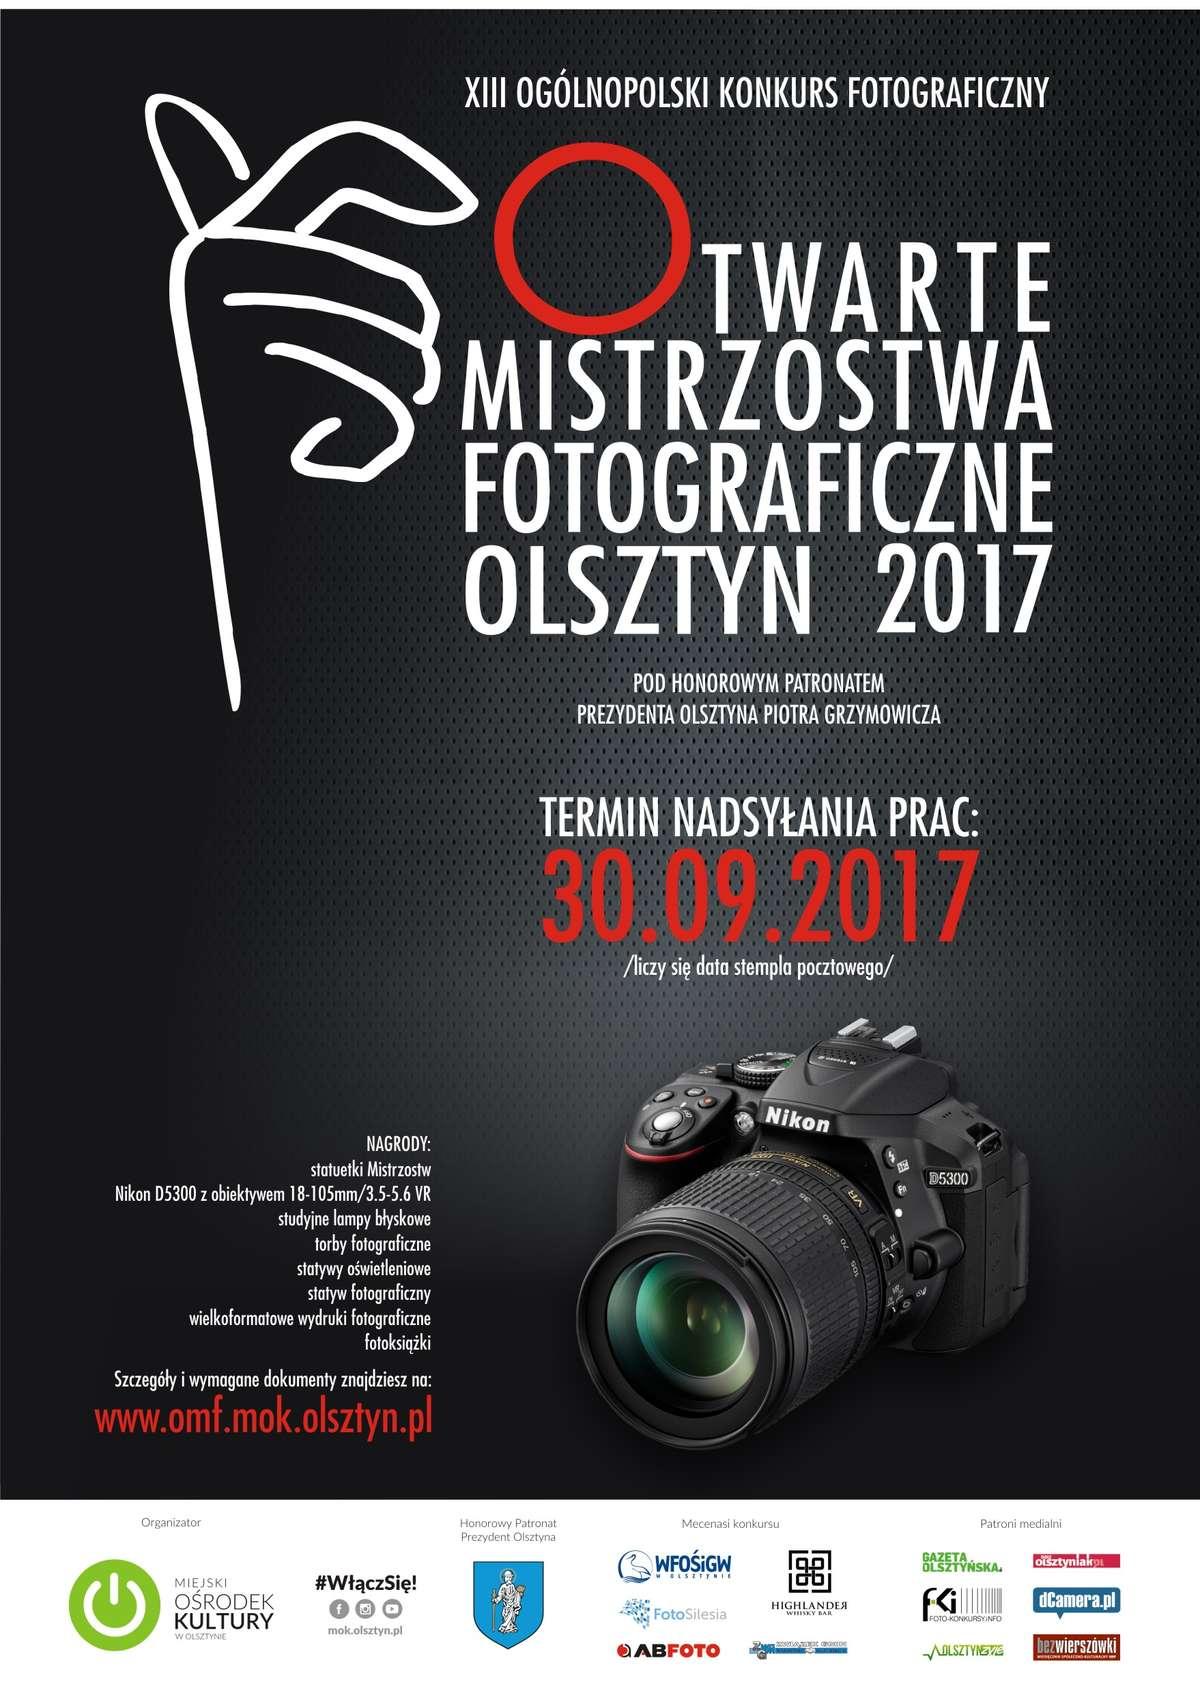 Otwarte Mistrzostwa Fotograficzne - full image